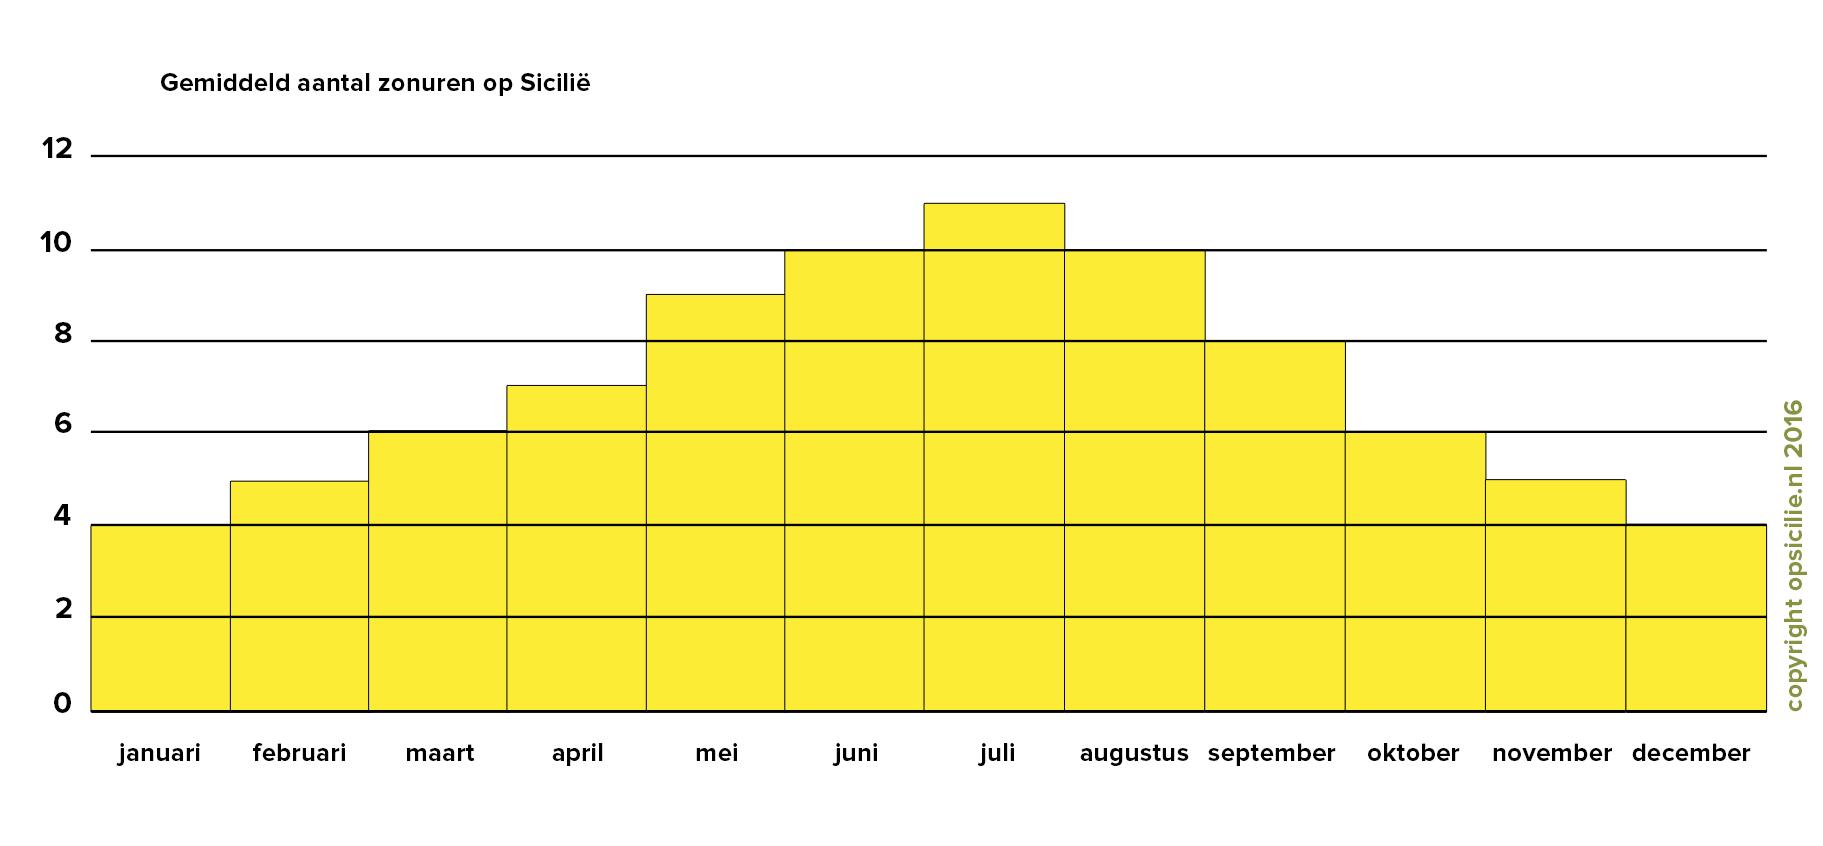 Het gemiddeld aantal zonuren op Sicilië